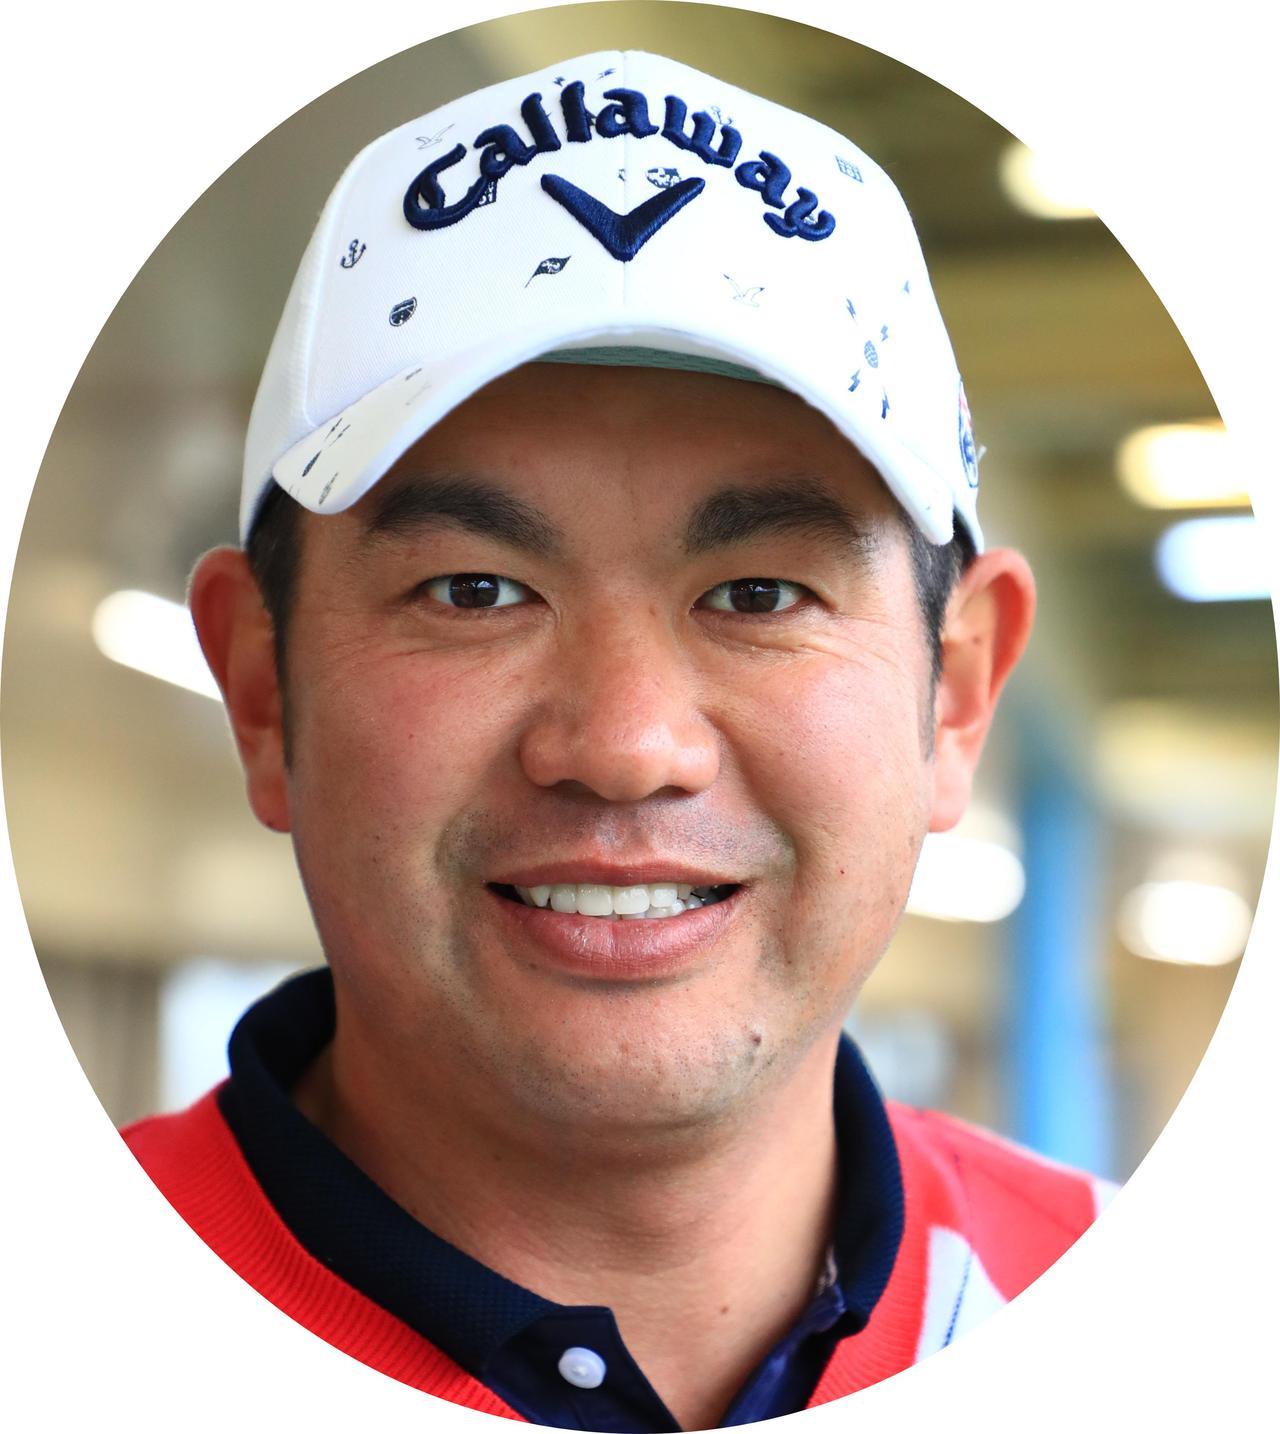 画像: 【指導】米田貴プロ 1977年生まれ。江連忠ゴルフアカデミーのメインコーチとして多くのアマチュアを指導。やさしいキャラクターとアベレージにもわかりやすいレッスンが定評です。ギアにも精通、ギア診断もしてくれます。